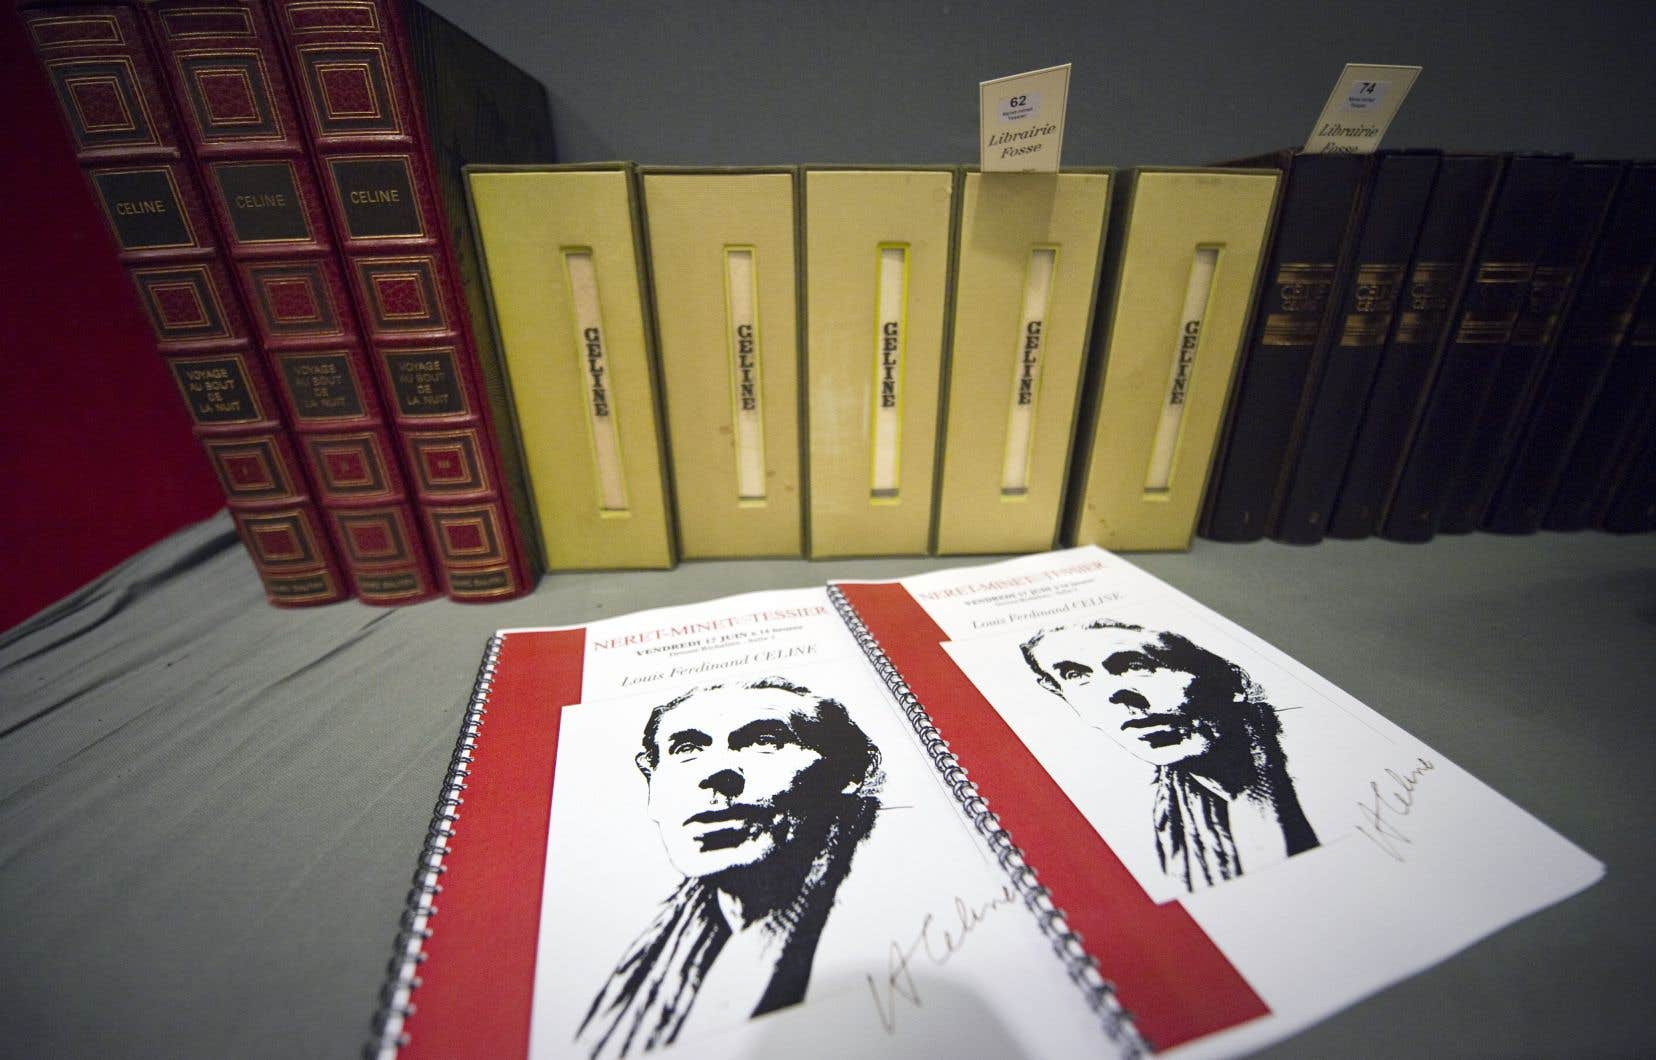 L'éditeur Gallimard prévoit de publier, sous le titre «Écrits polémiques», un volume rassemblant les textes antisémites et racistes de Céline: «Bagatelles pour un massacre», «L'école des cadavres» et «Les Beaux draps»<em>.</em>